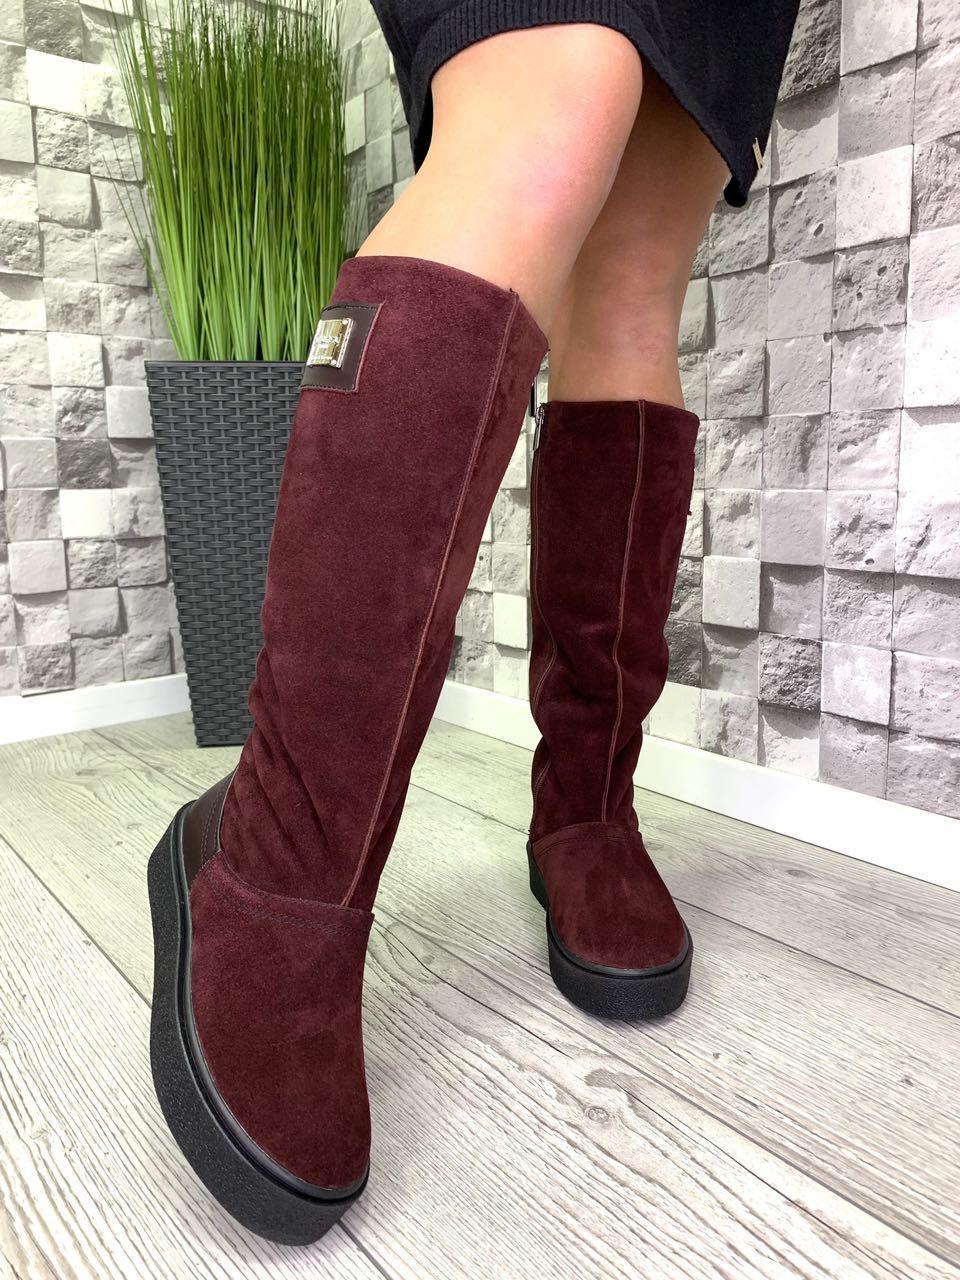 Женские кожаные сапоги высокий Угг зима бордовые